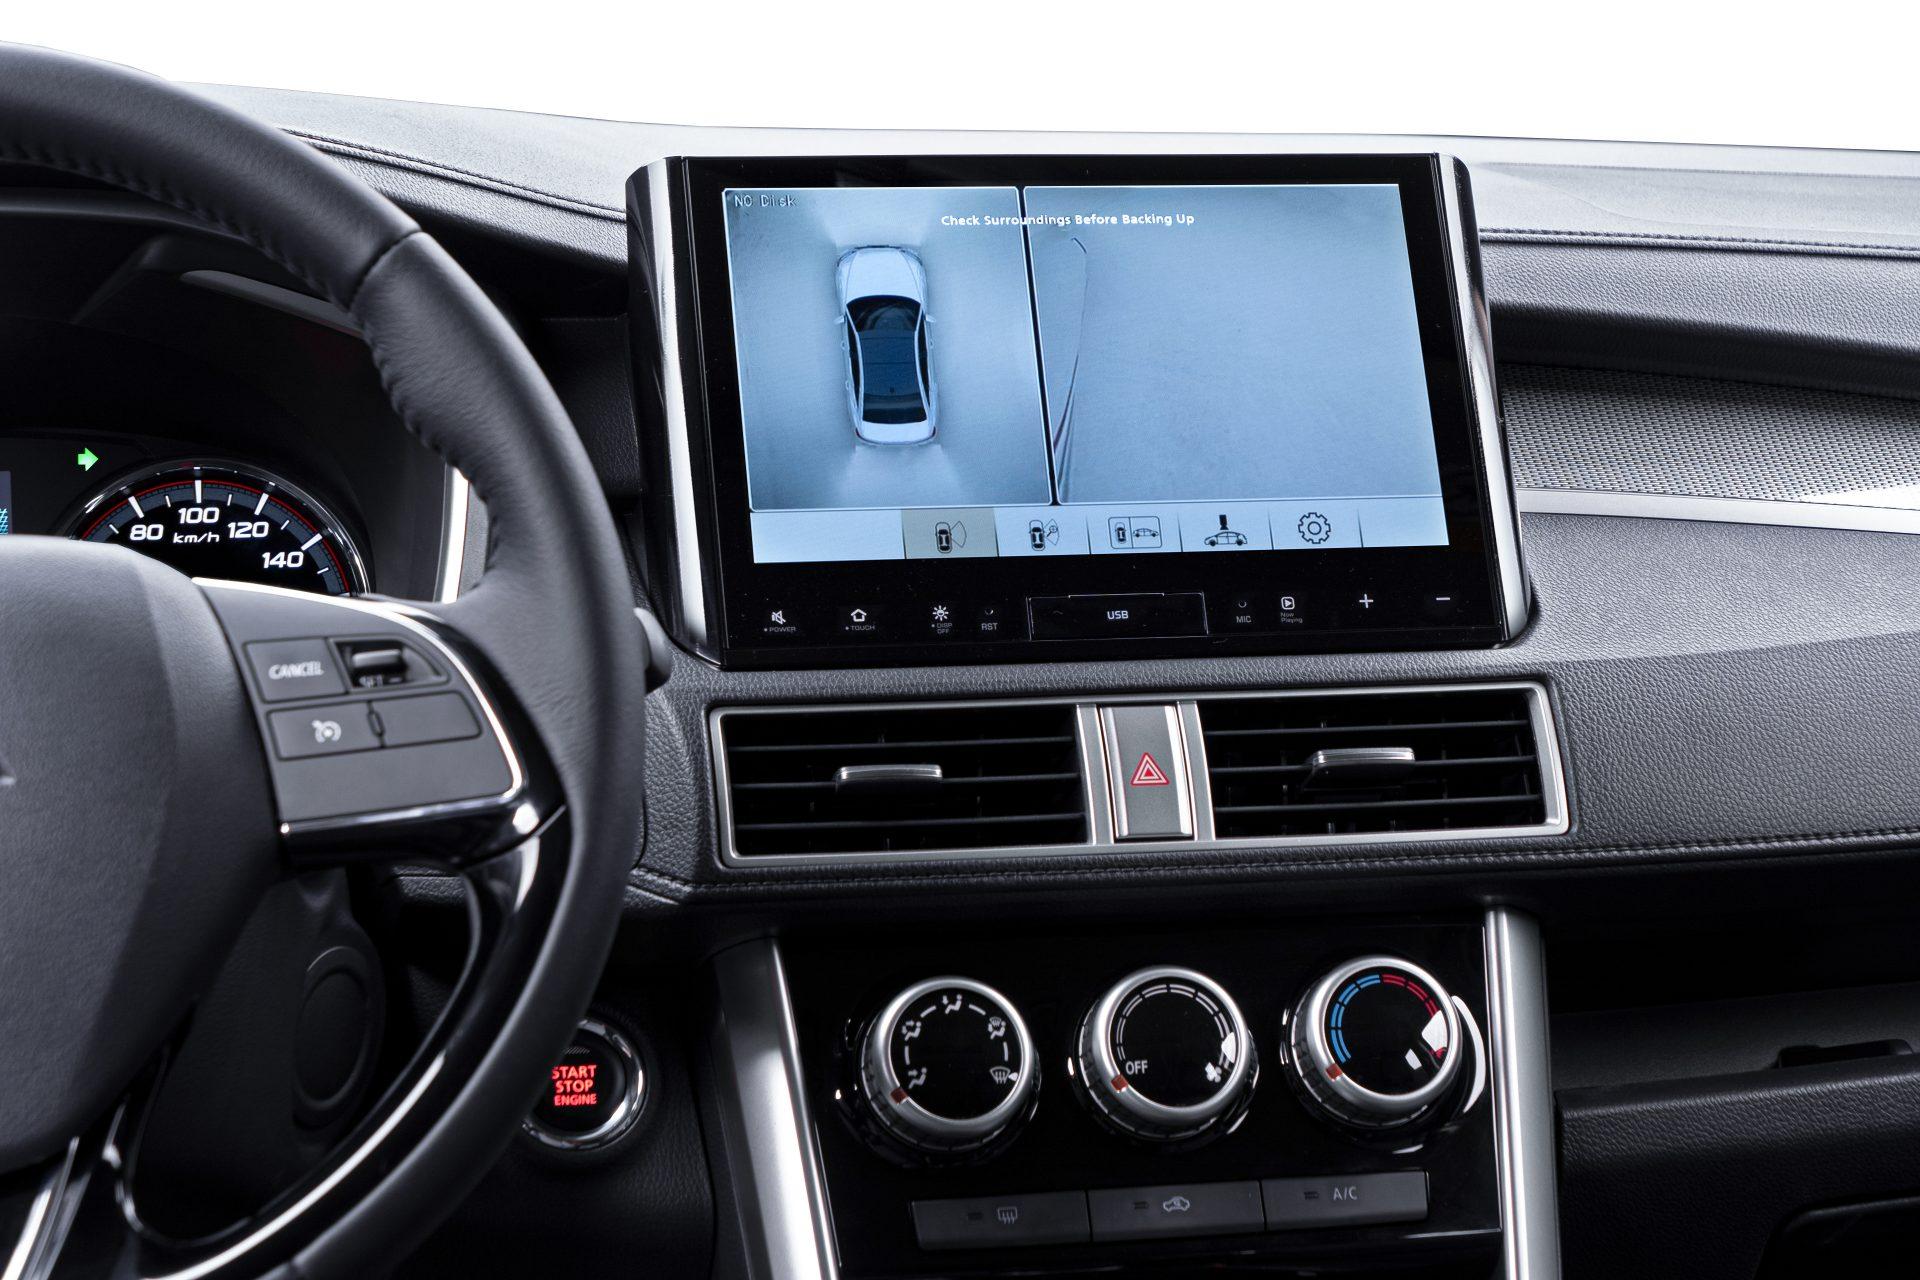 Hệ thống camera 360 được nâng cấp giúp vận hành xe an toàn hơn